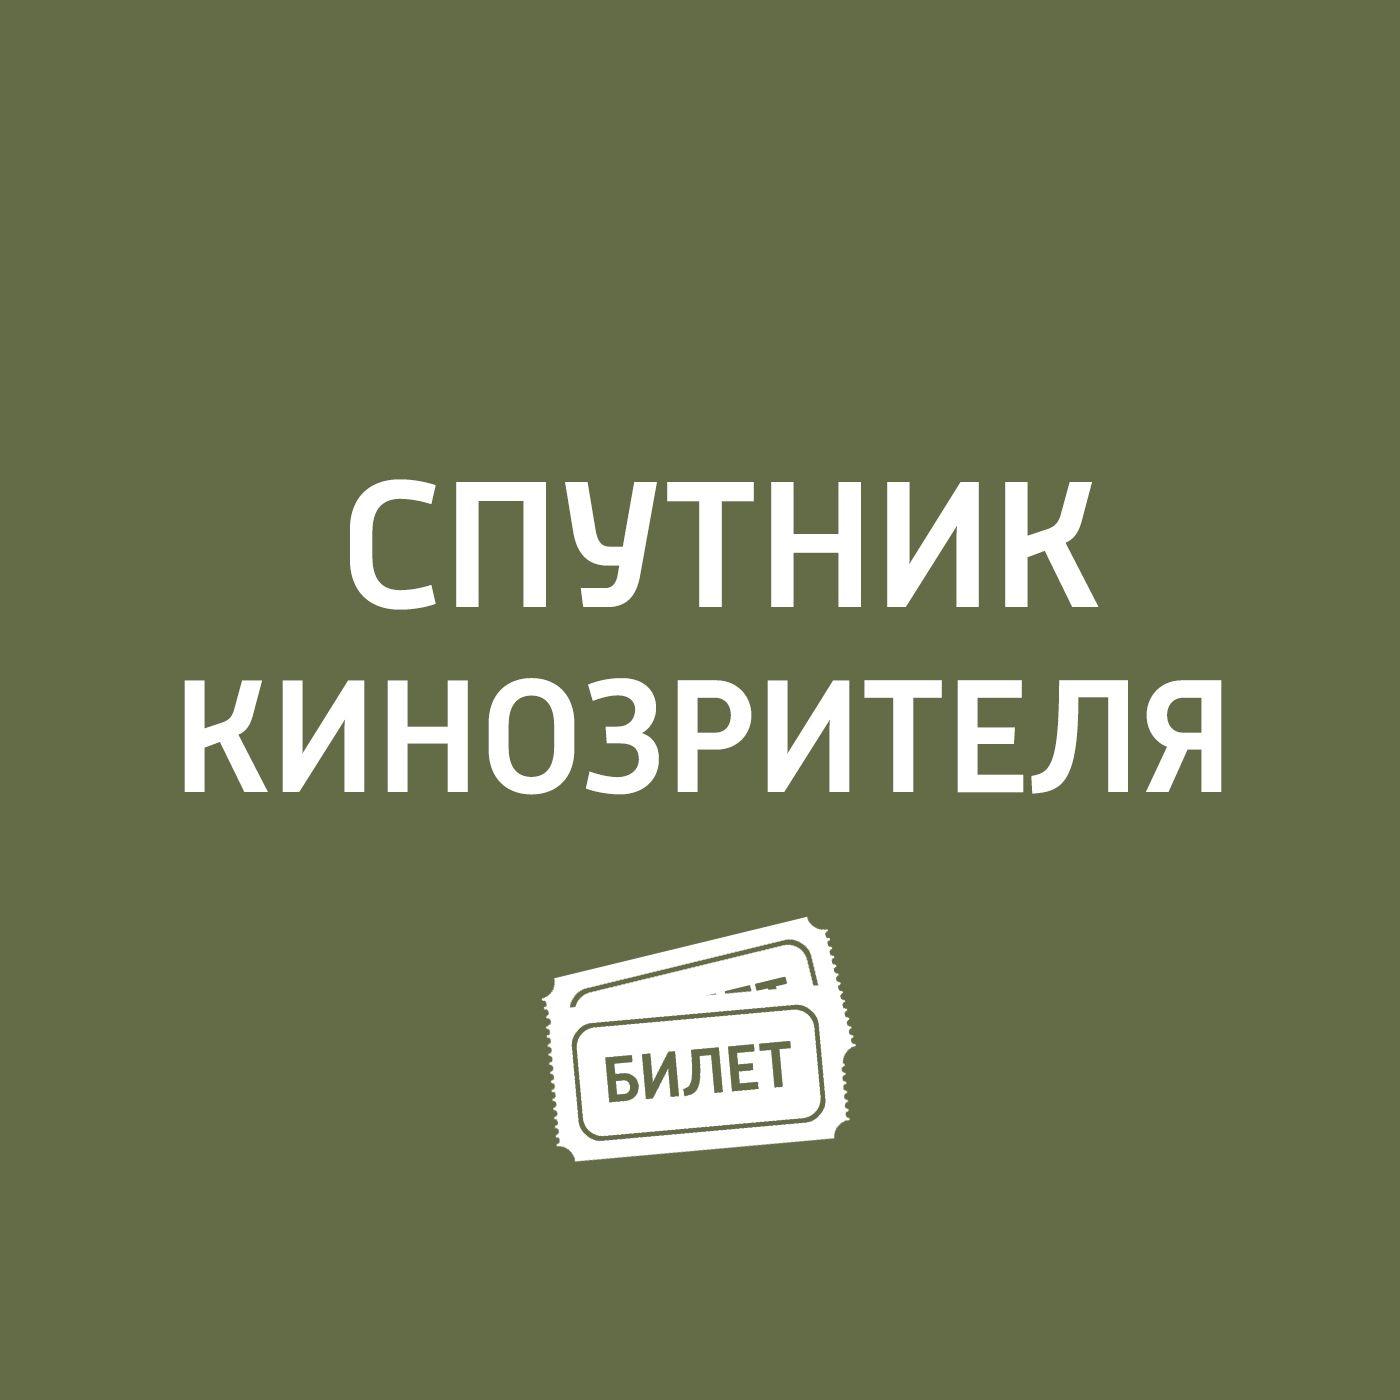 Антон Долин Номинанты на Оскар-2019 антон долин итоги премии оскар 2018